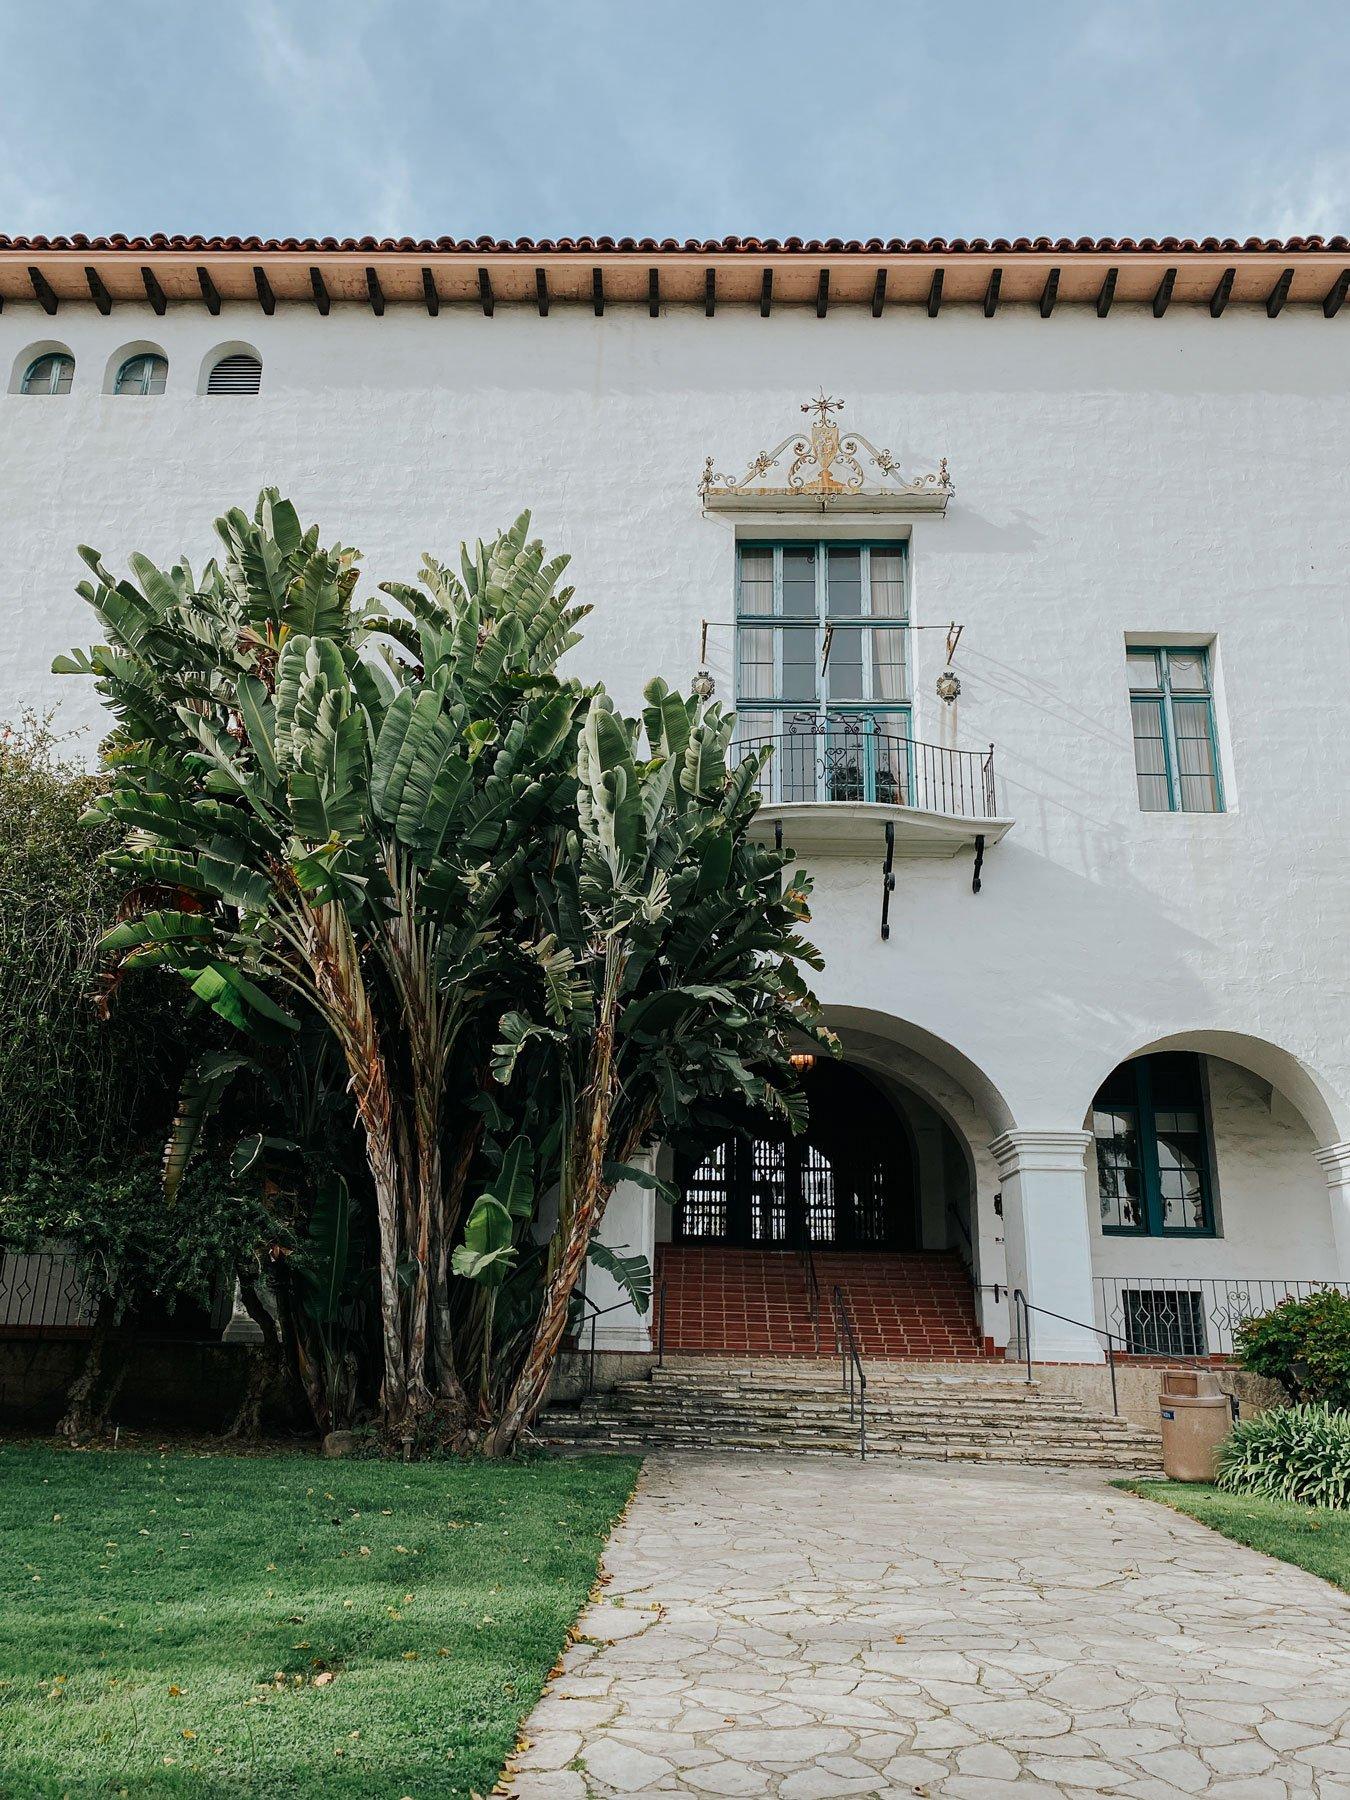 Santa Barbara courthouse gardens